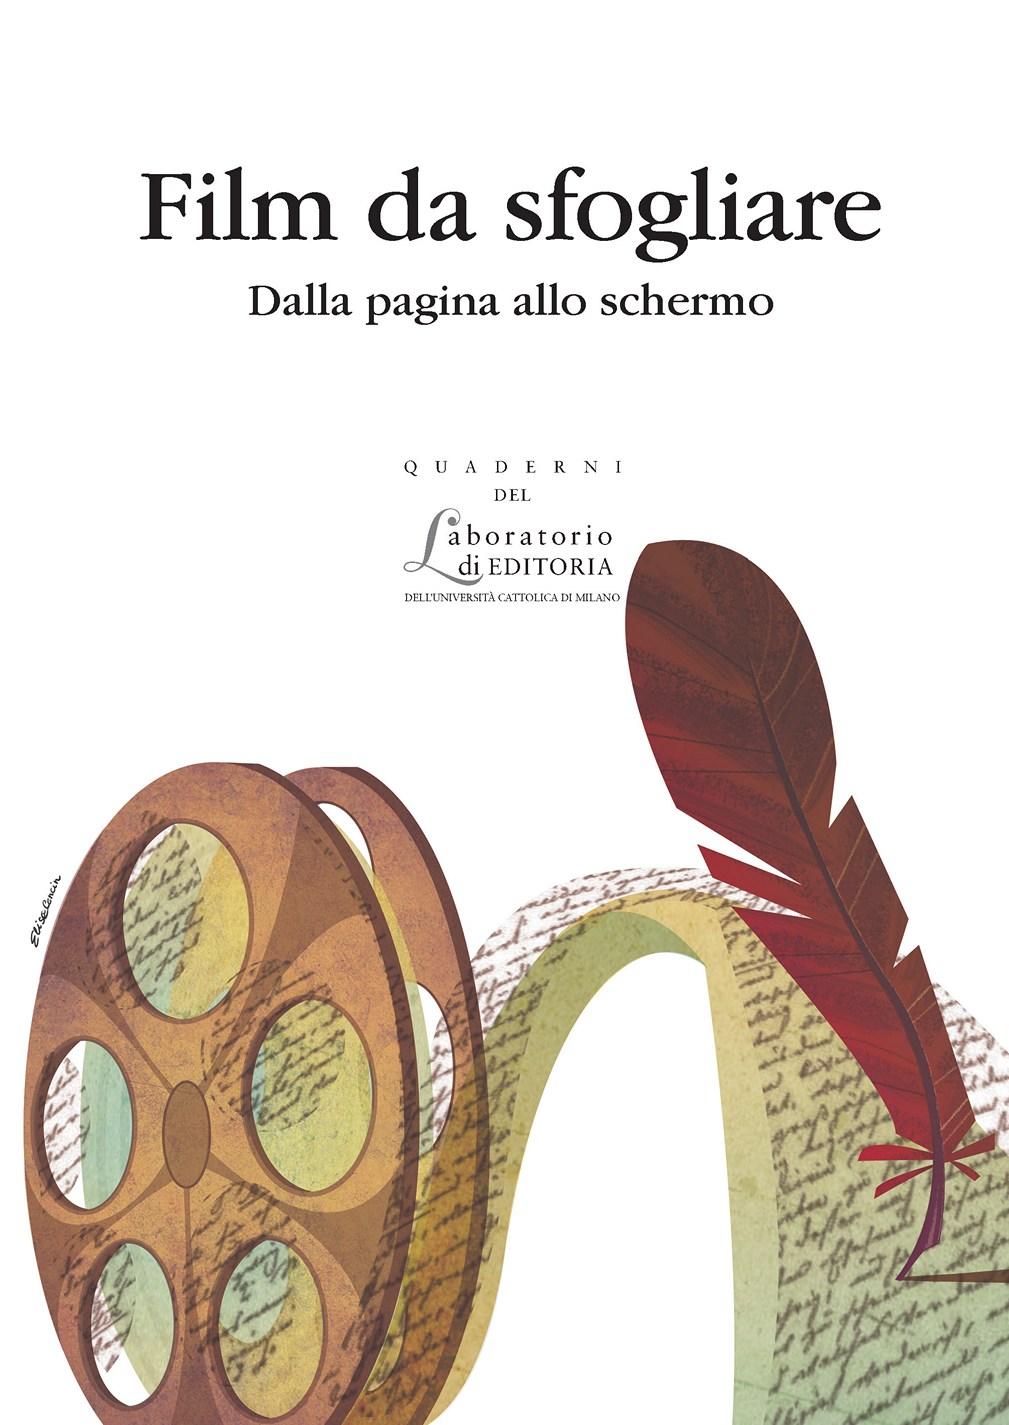 FILM DA SFOGLIARE DALLA PAGINA ALLO SCHERMO. QUADERNI QUALE 15